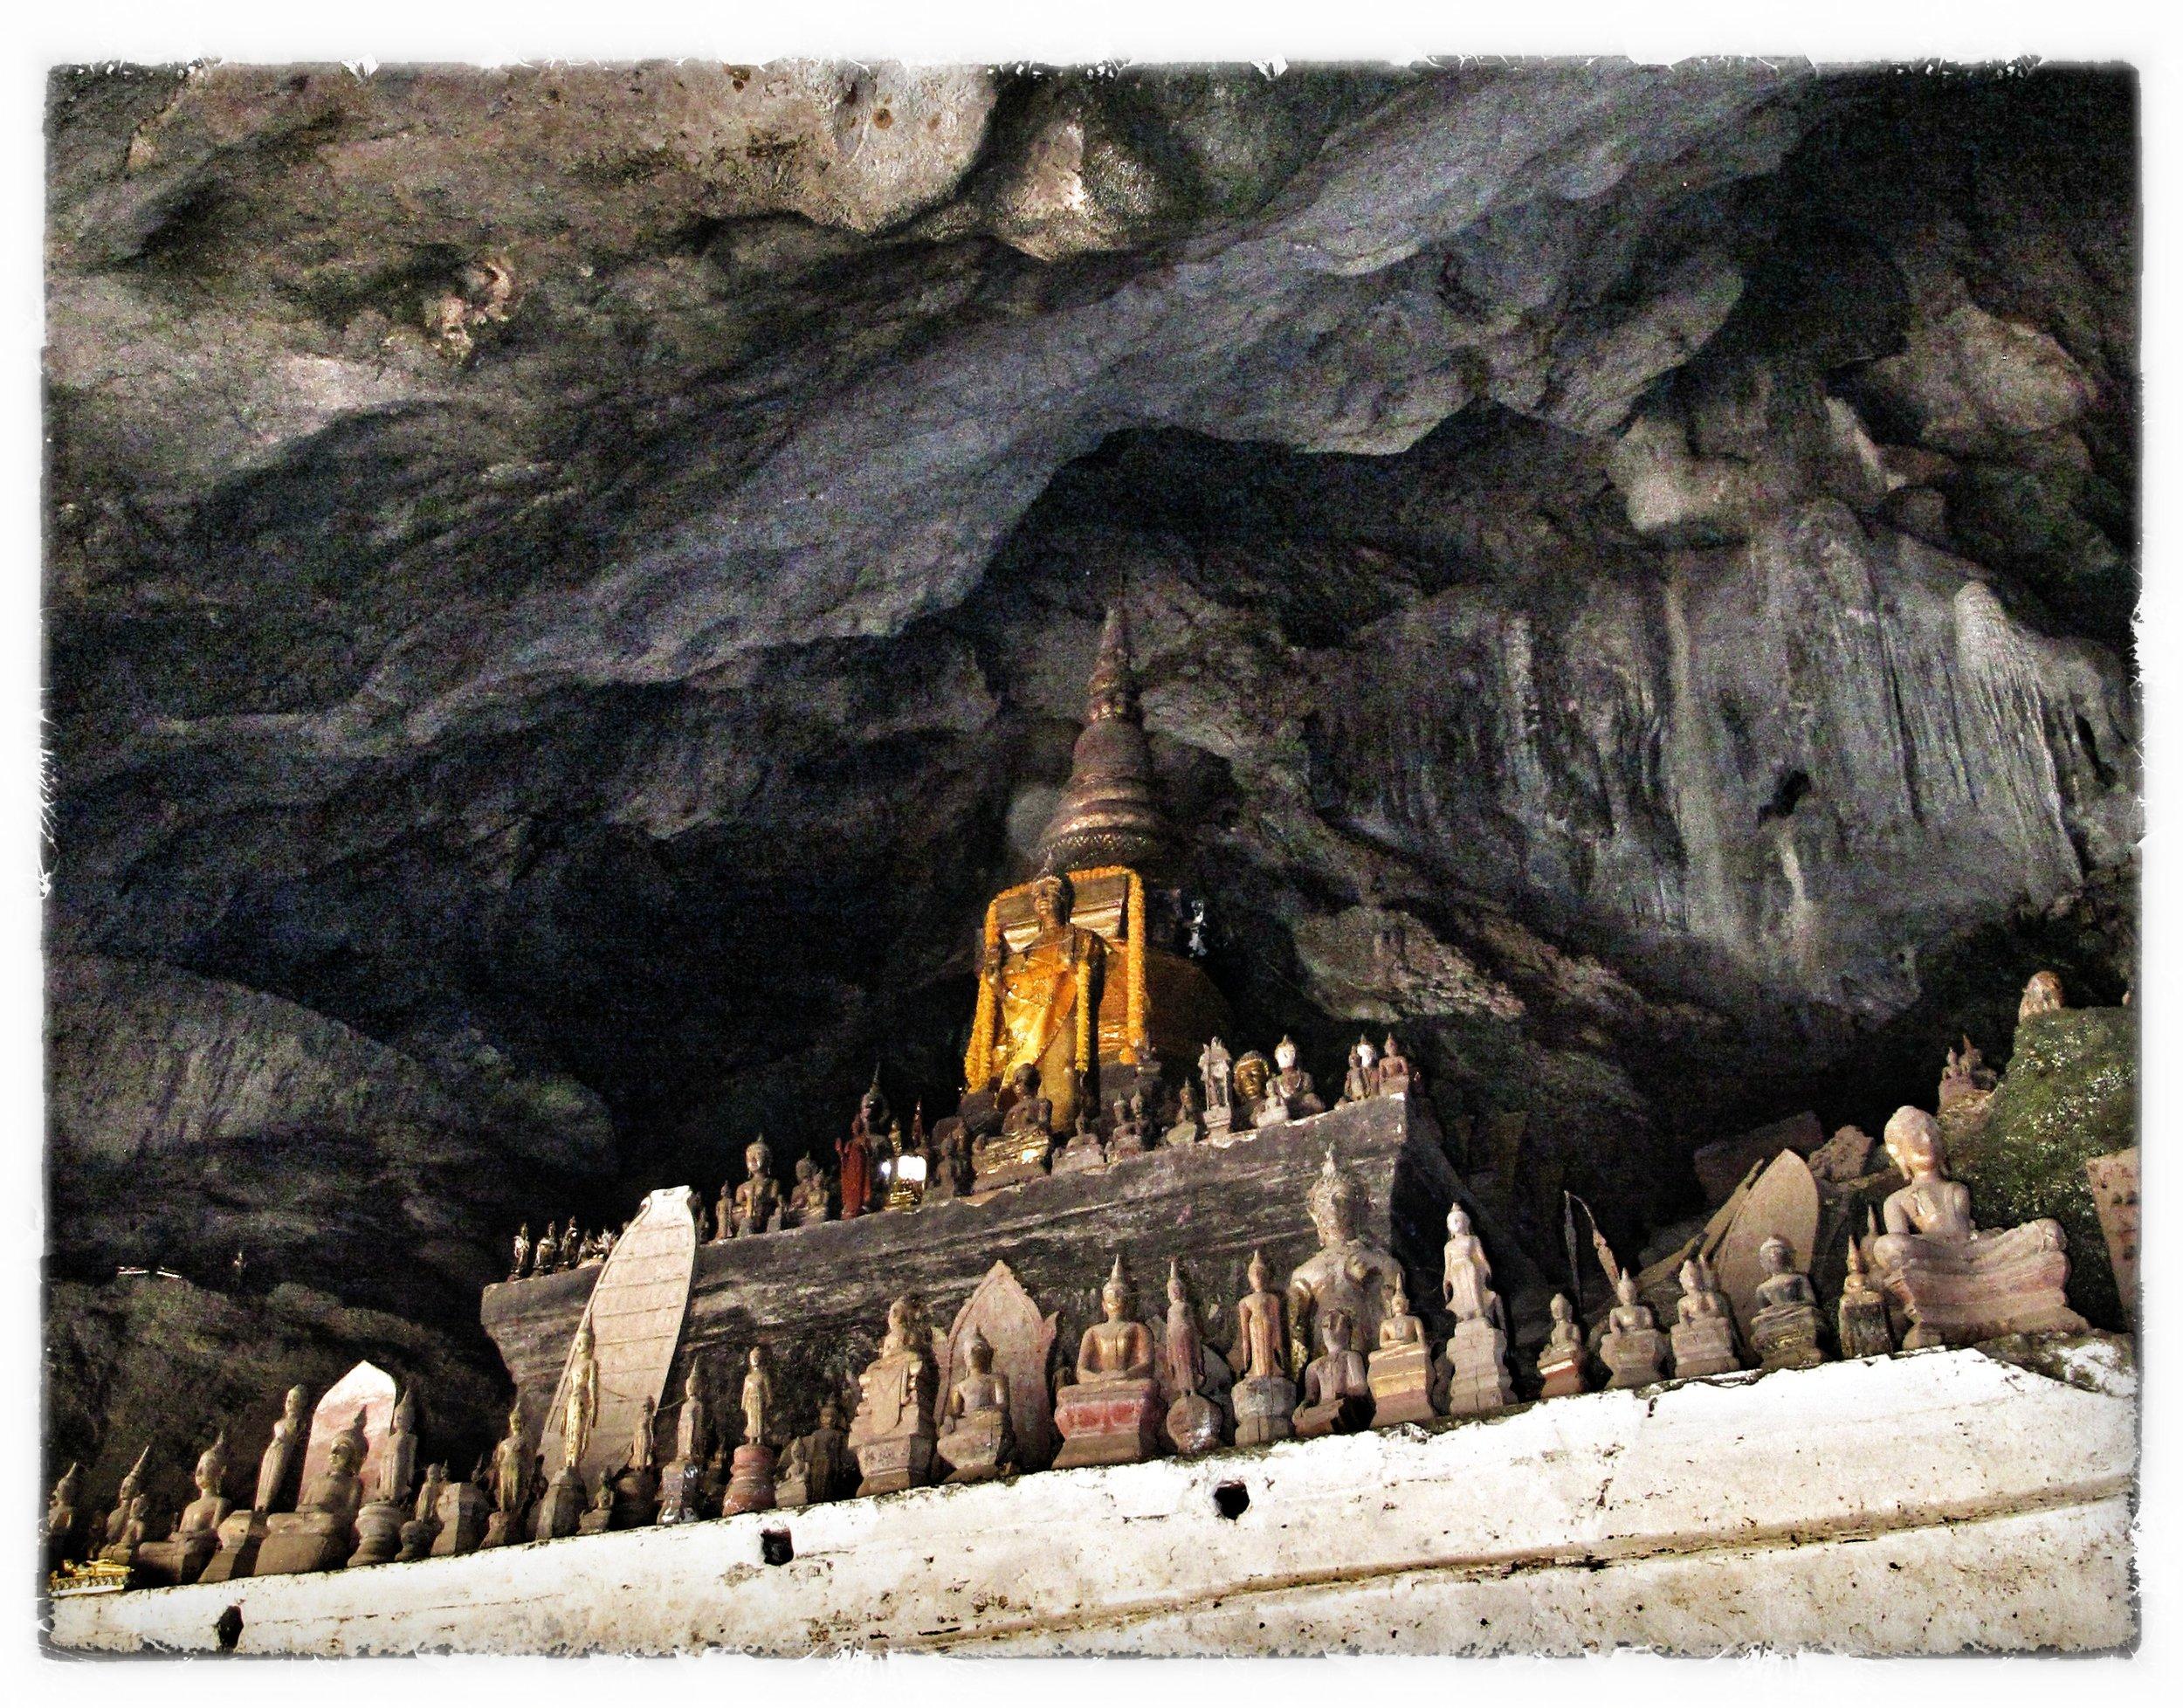 Mekong Overlook, Luang Prabhang, Laos